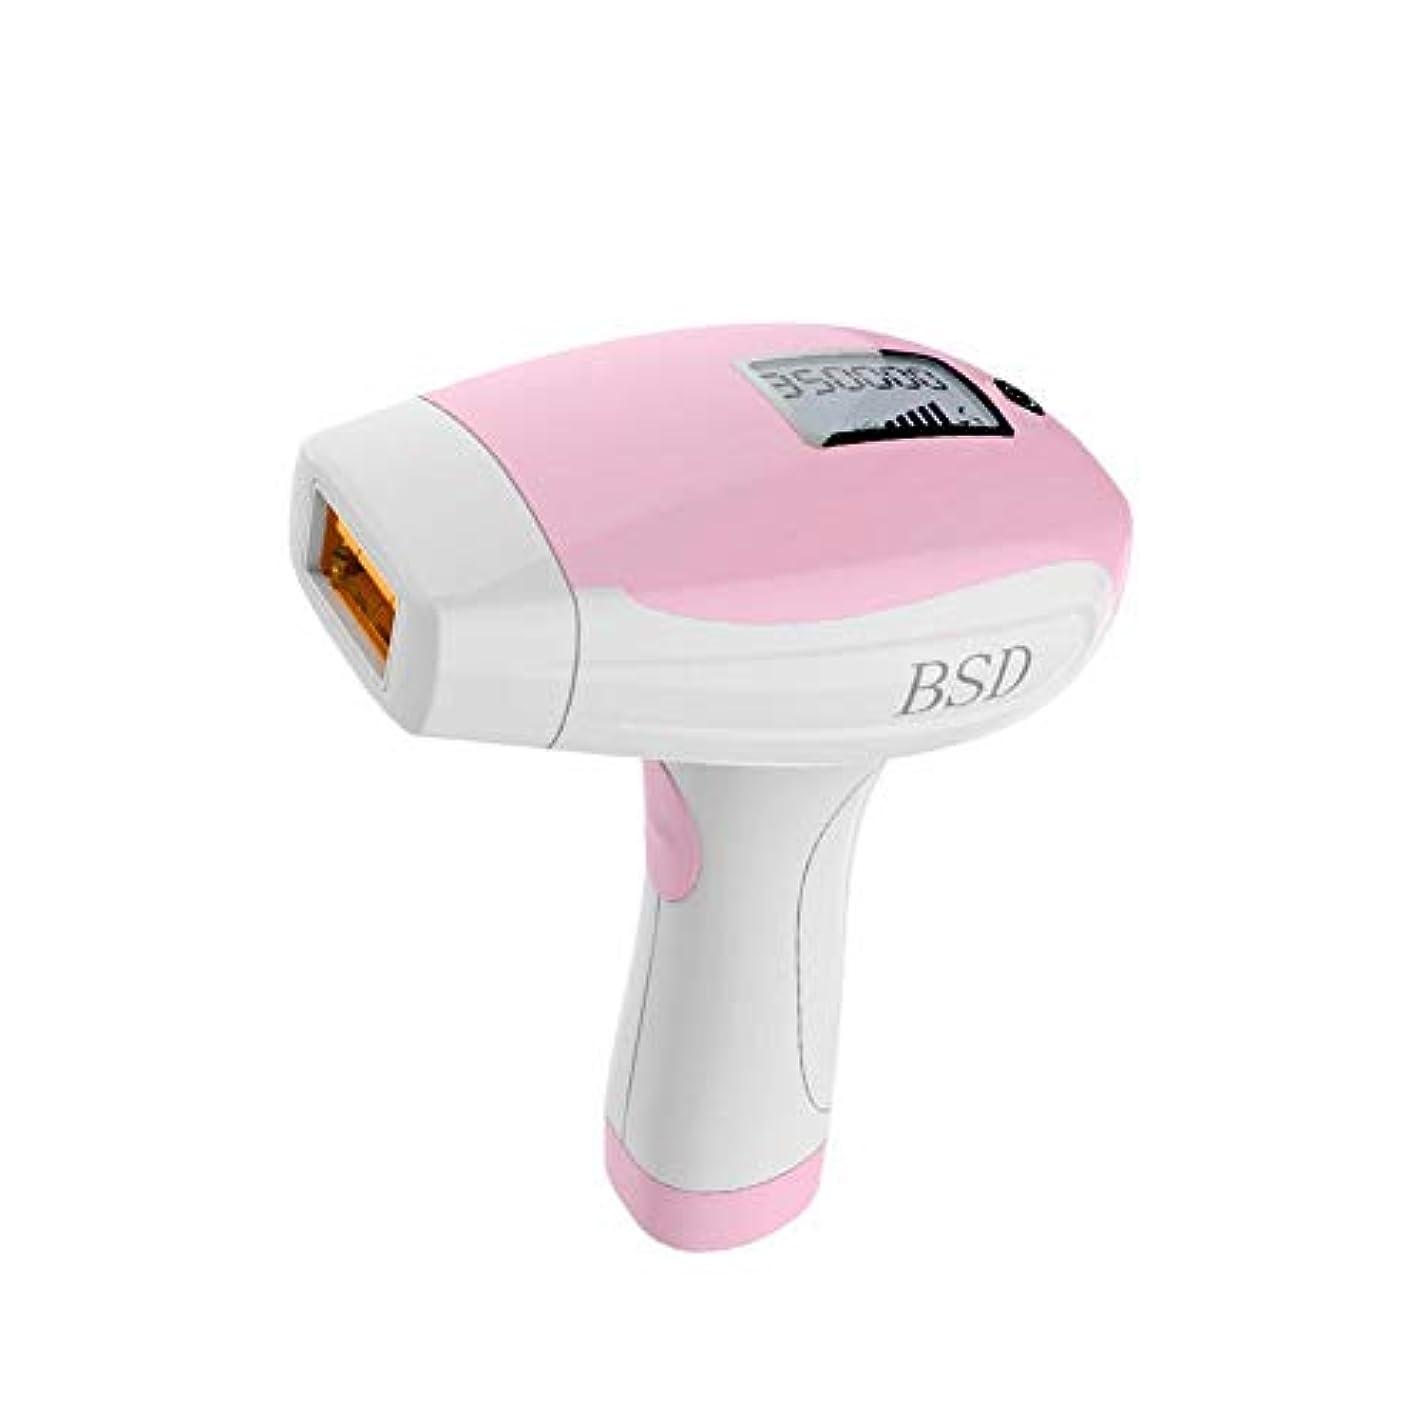 接続主導権ポーターBETTER YOU (ベター ュー) 脱毛装置、氷上脱毛、痛みなし、皮膚損傷なし、刺激なし、強力な洗浄力、女性用脱毛装置